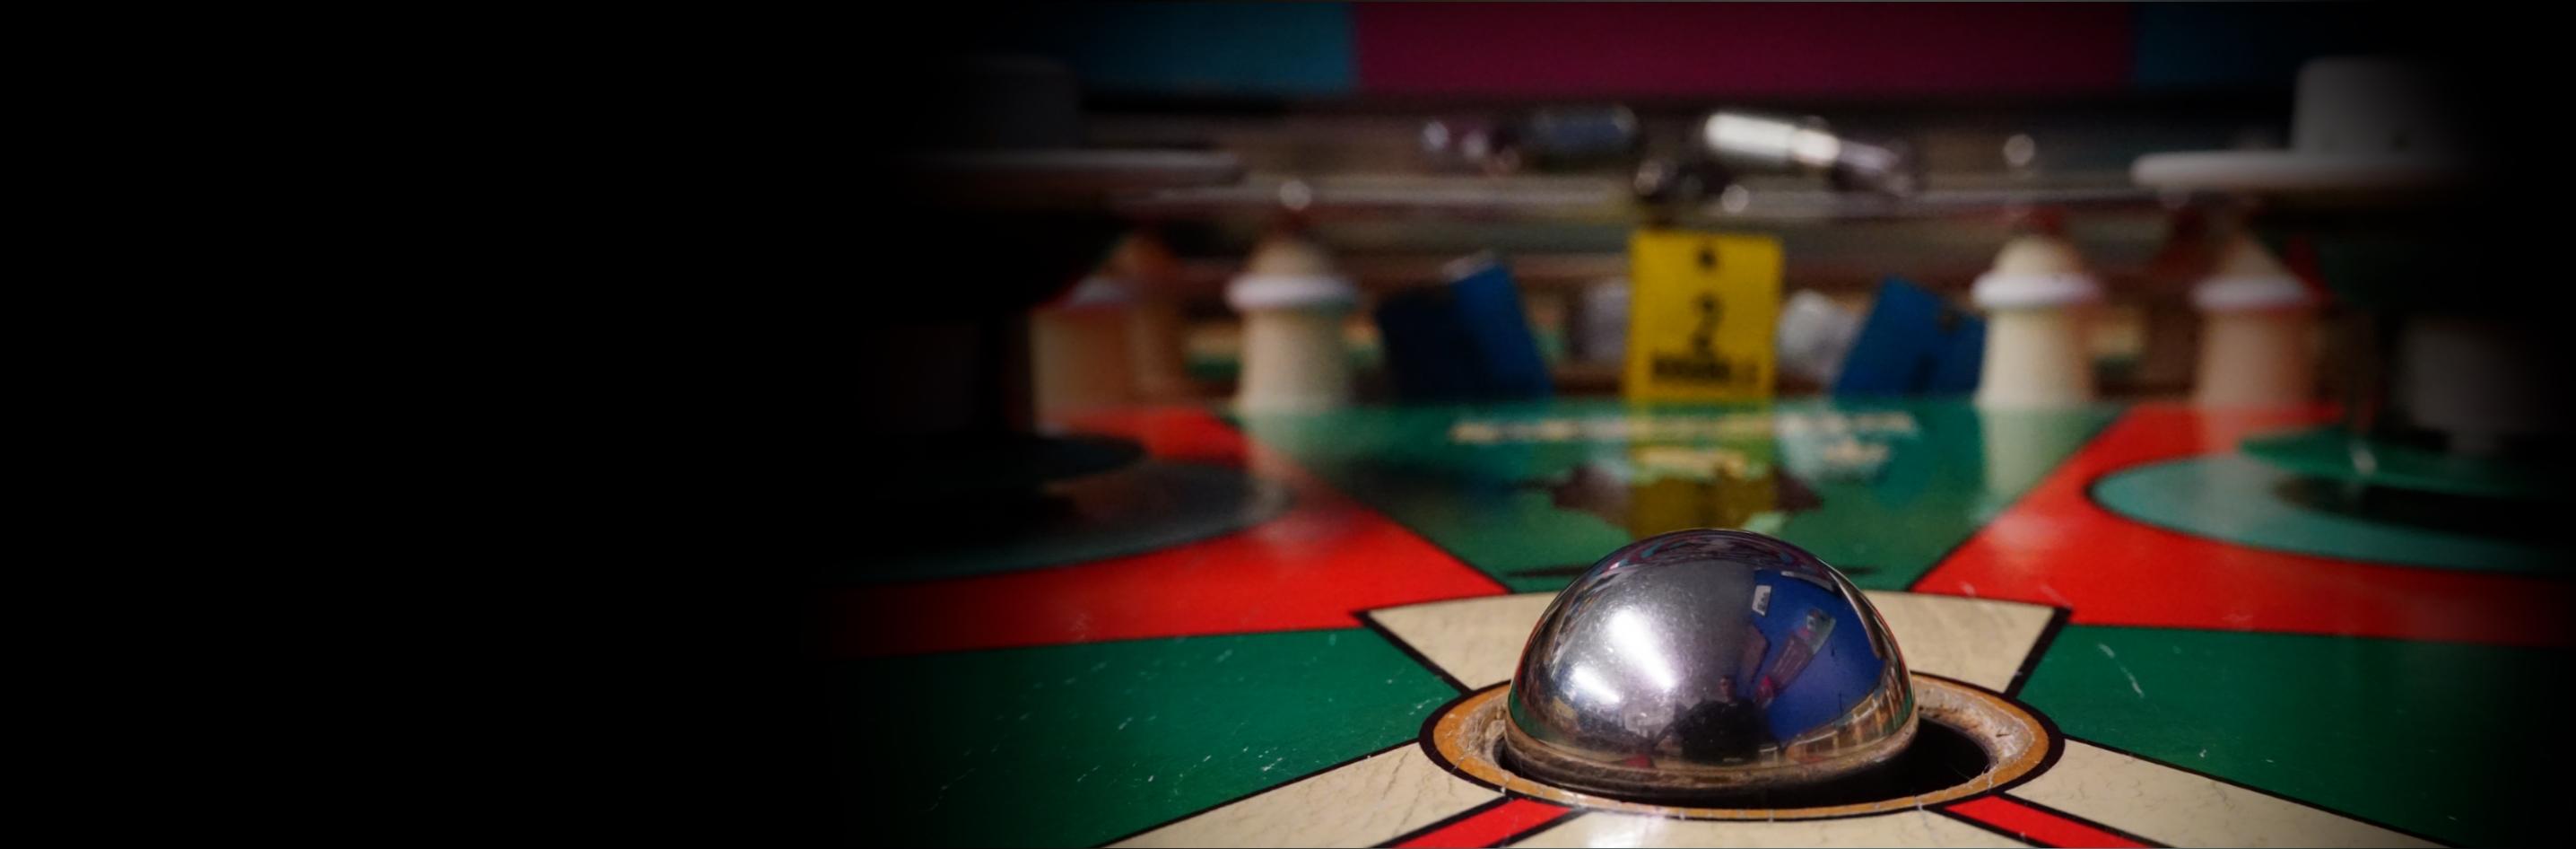 """<h1><span class=""""slider"""">Pinball Repairs</slider></h1>"""